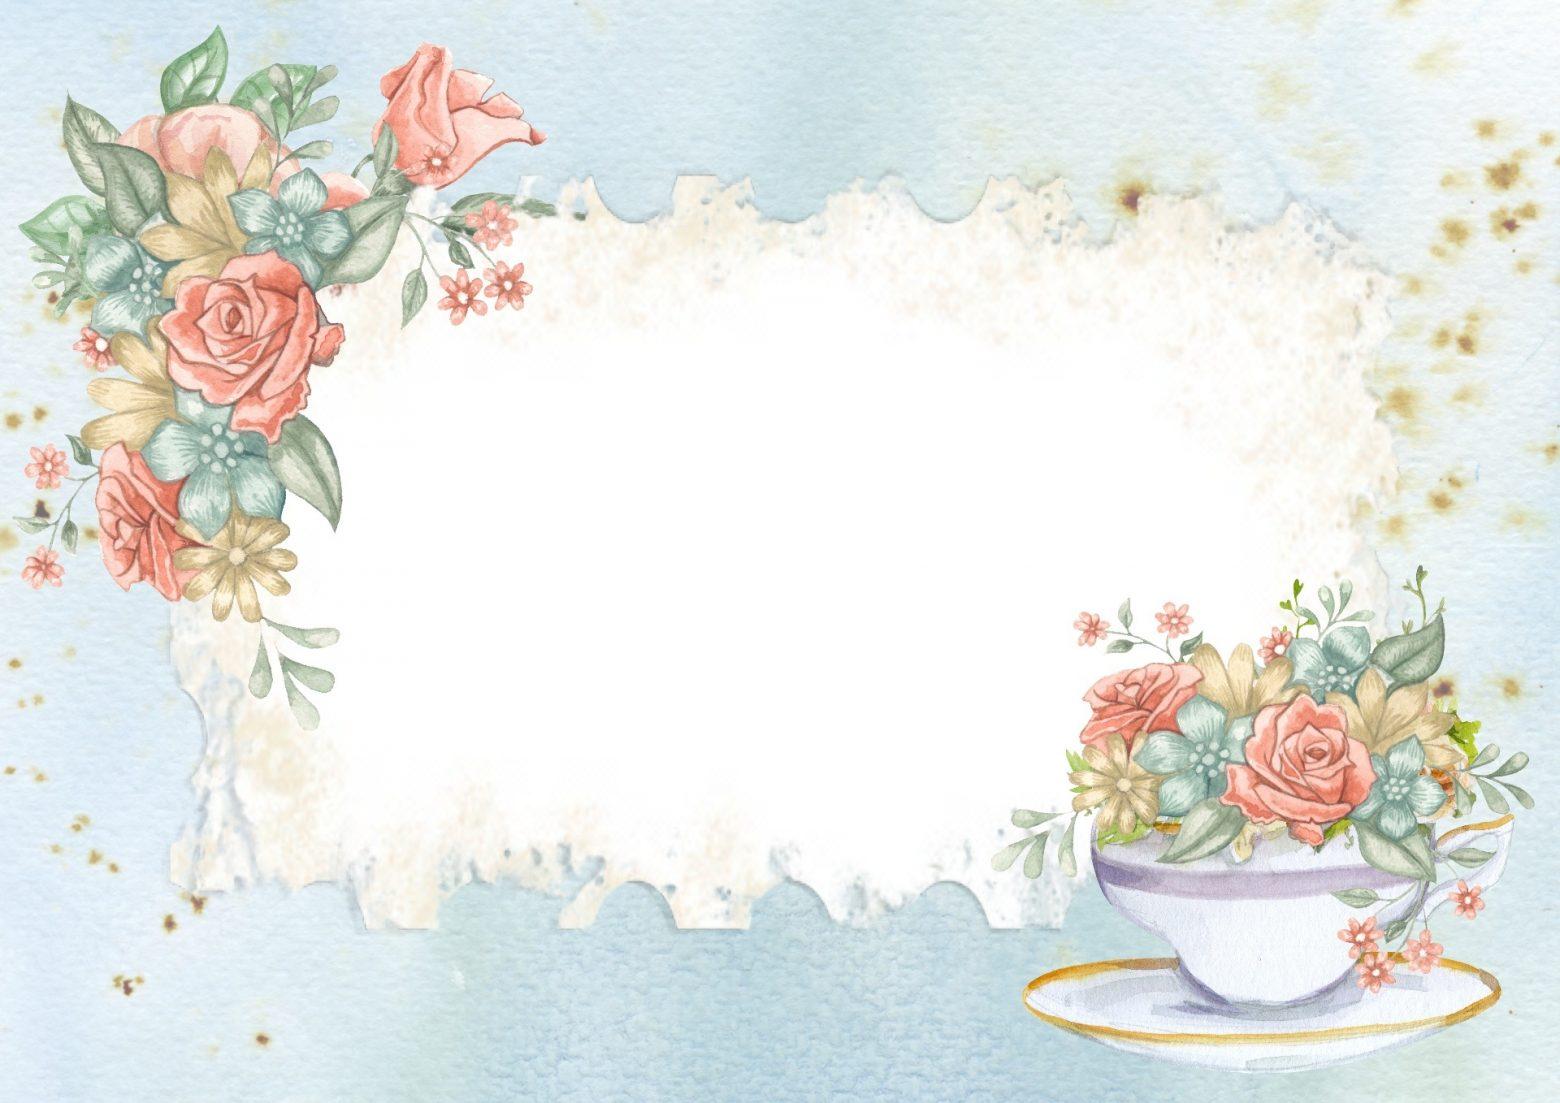 frame-2615975